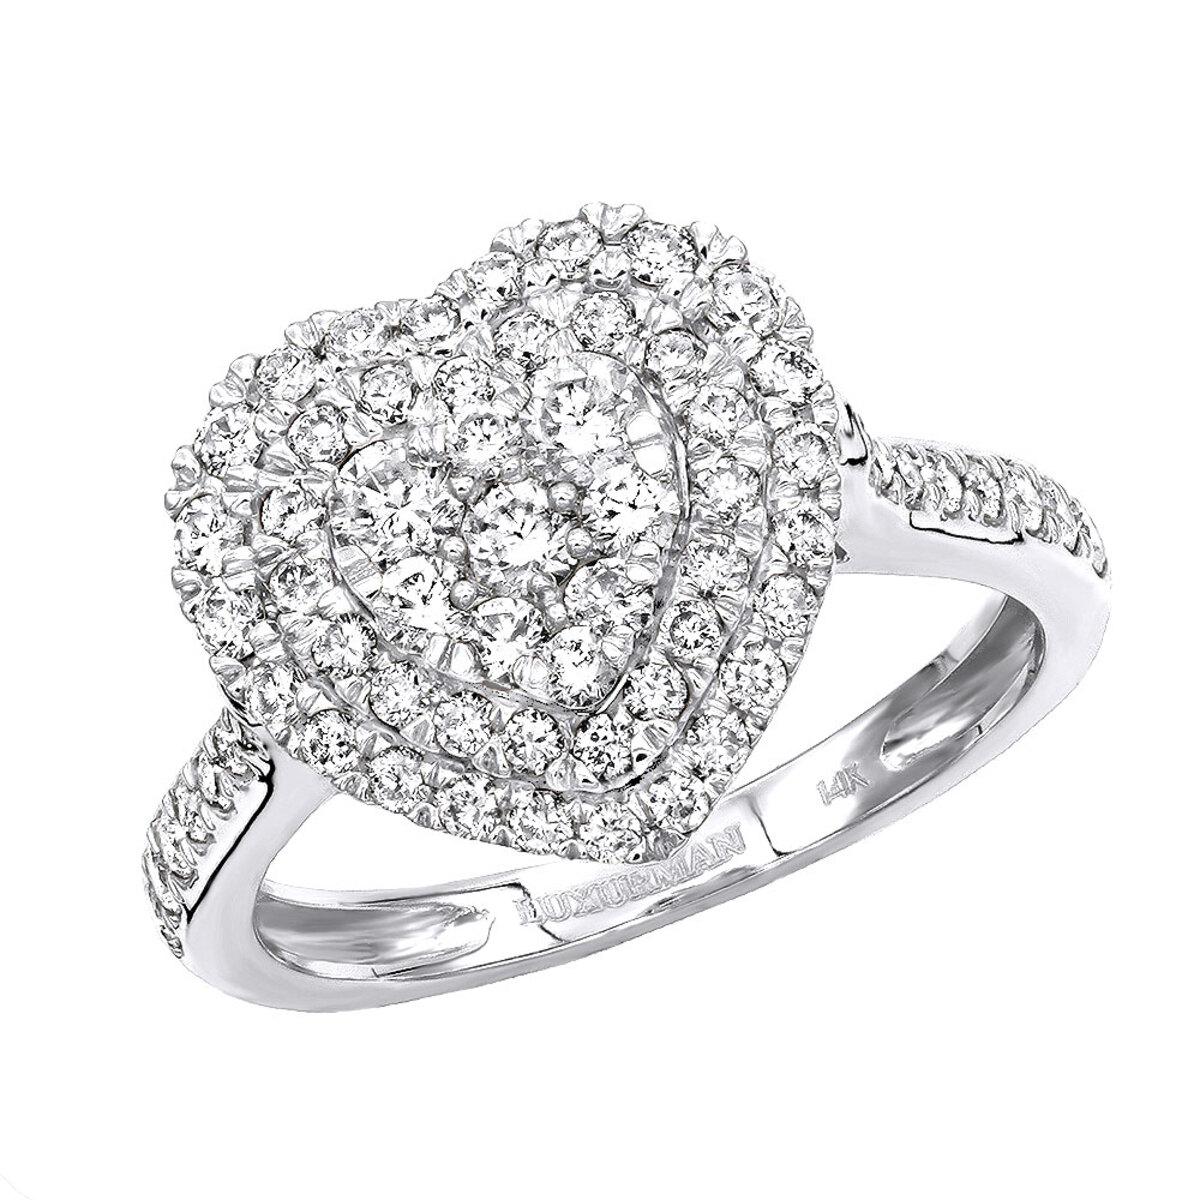 1 Carat Diamond Ring for Women Heart Design 14K Yellow Rose White Gold